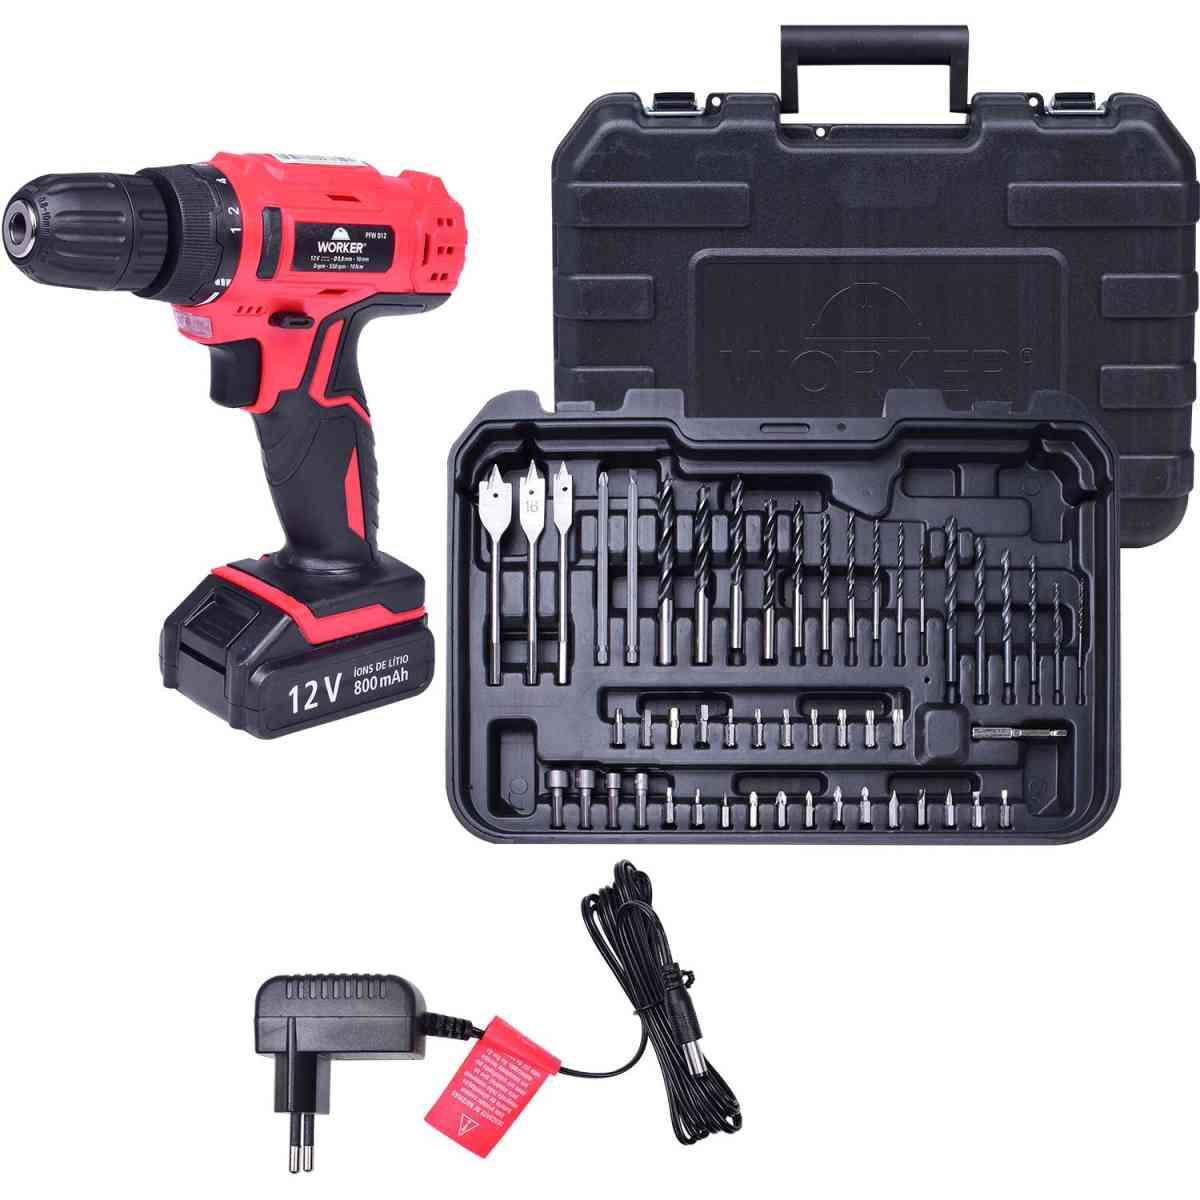 Parafusadeira 12V Bateria Biv Kit com 50 Peças Worker